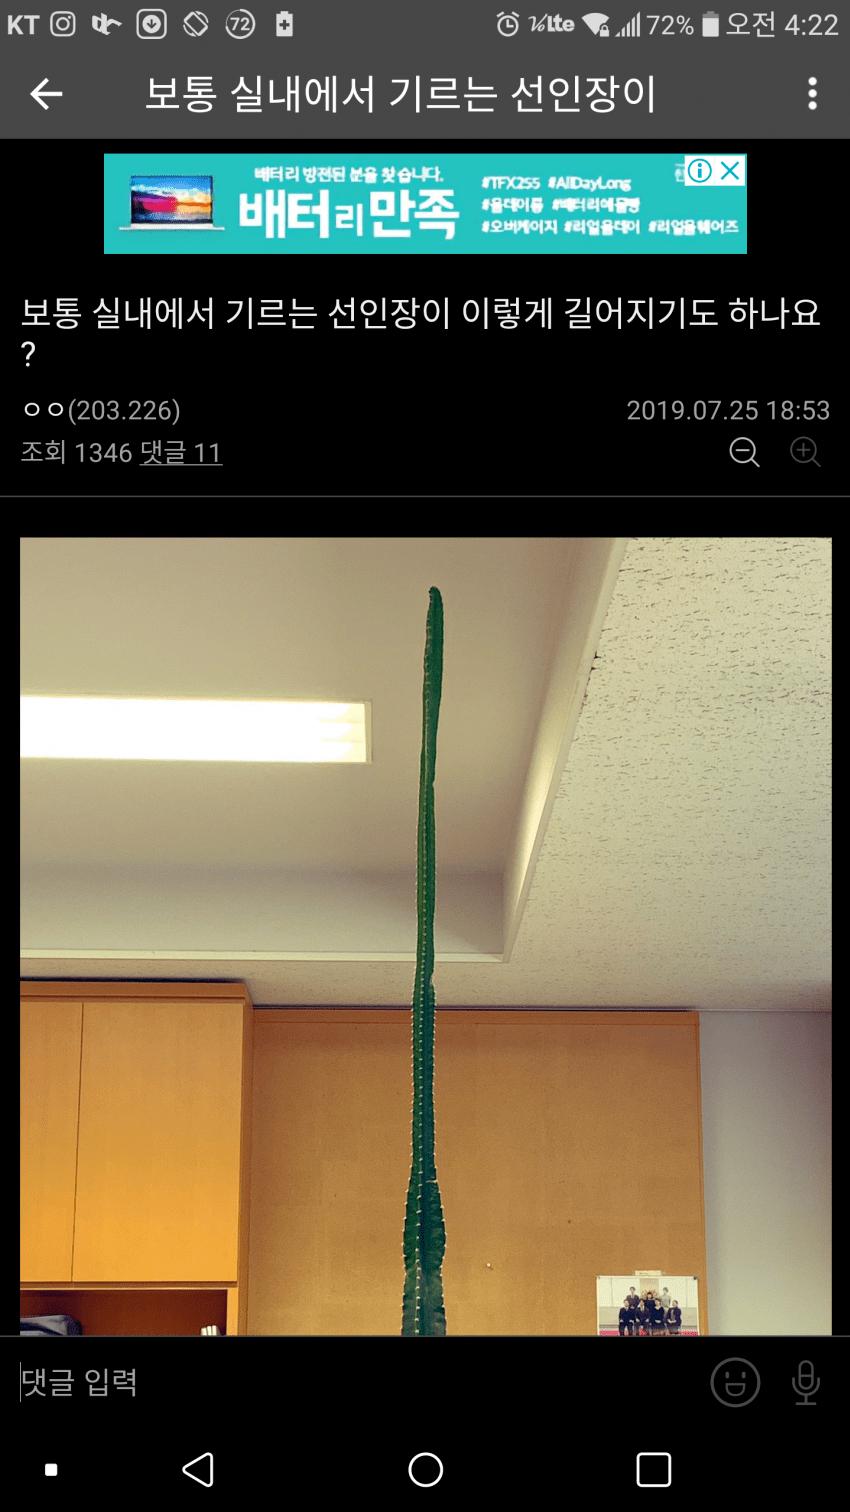 1566330127.png 식물갤 선인장 레전드...jpg